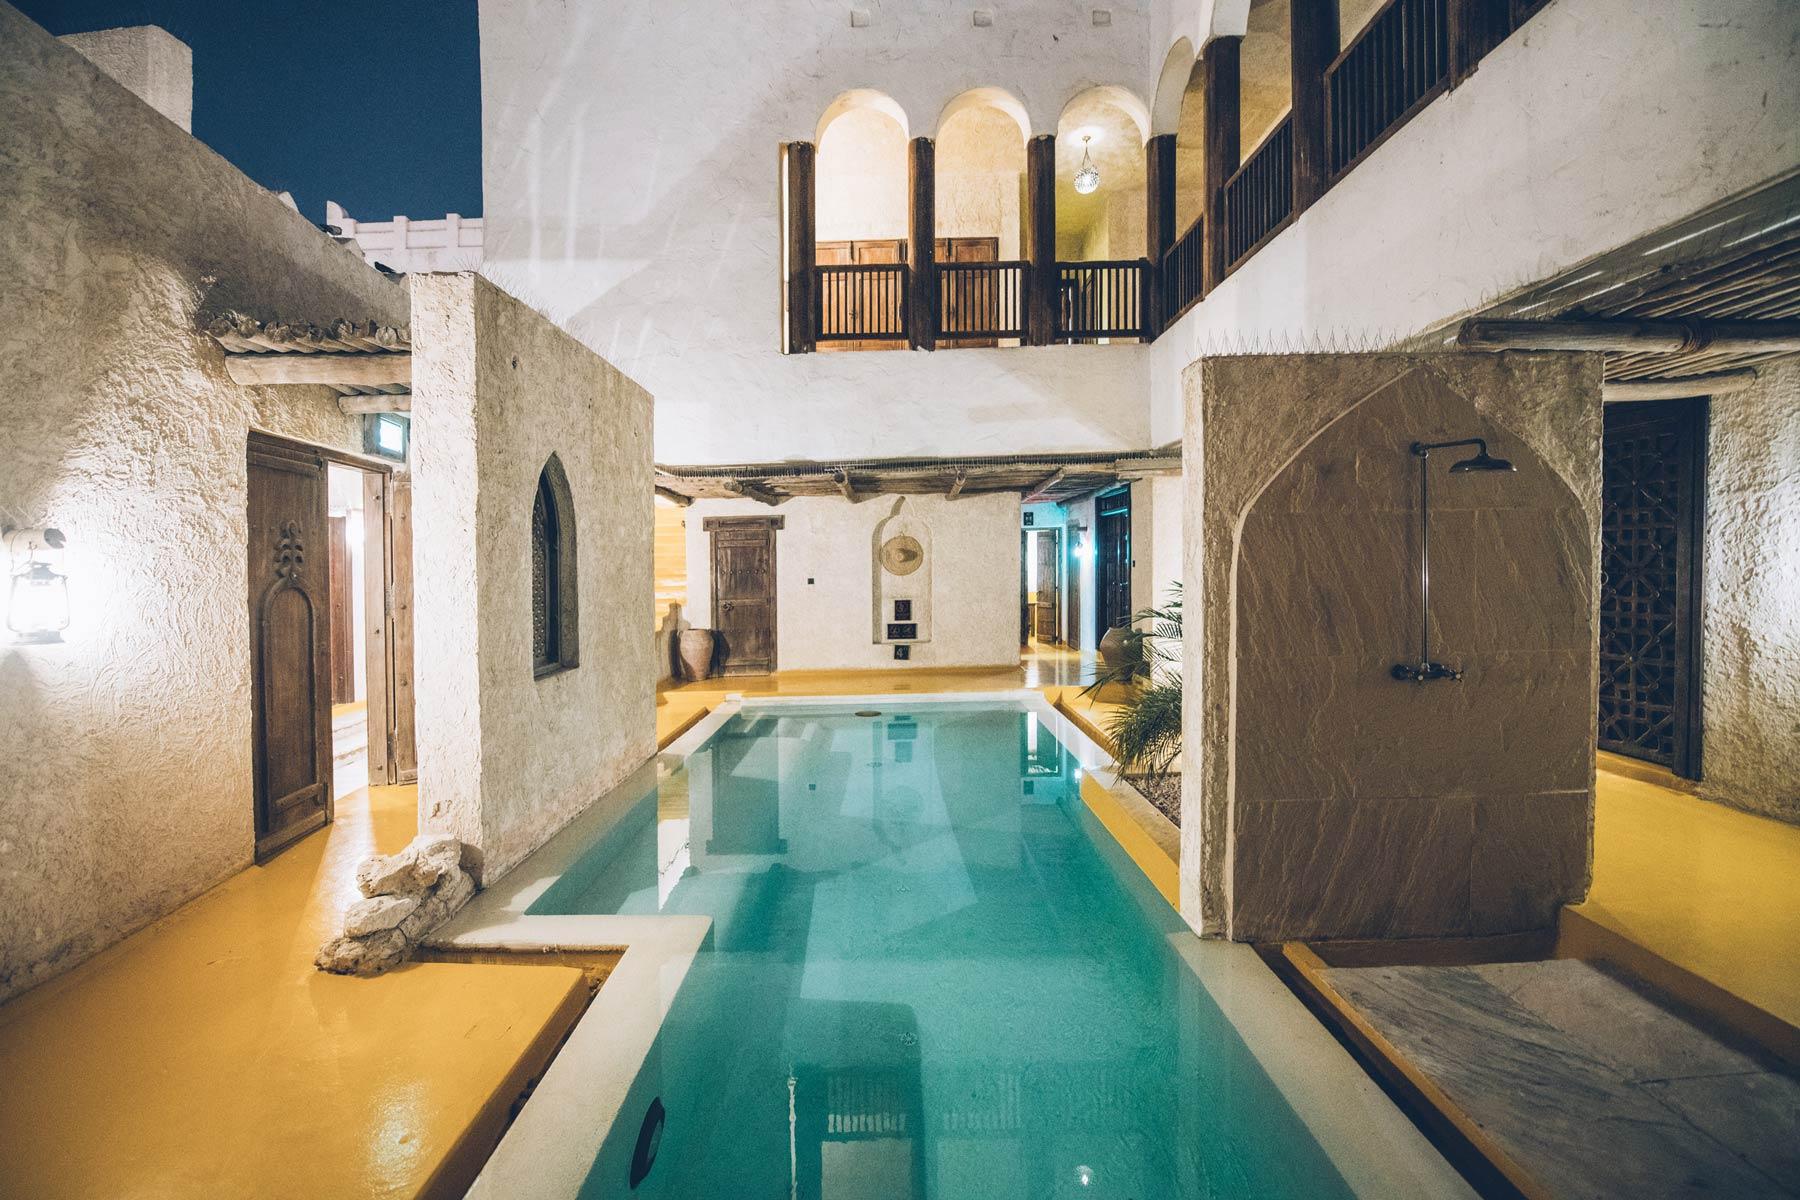 Spa Doha